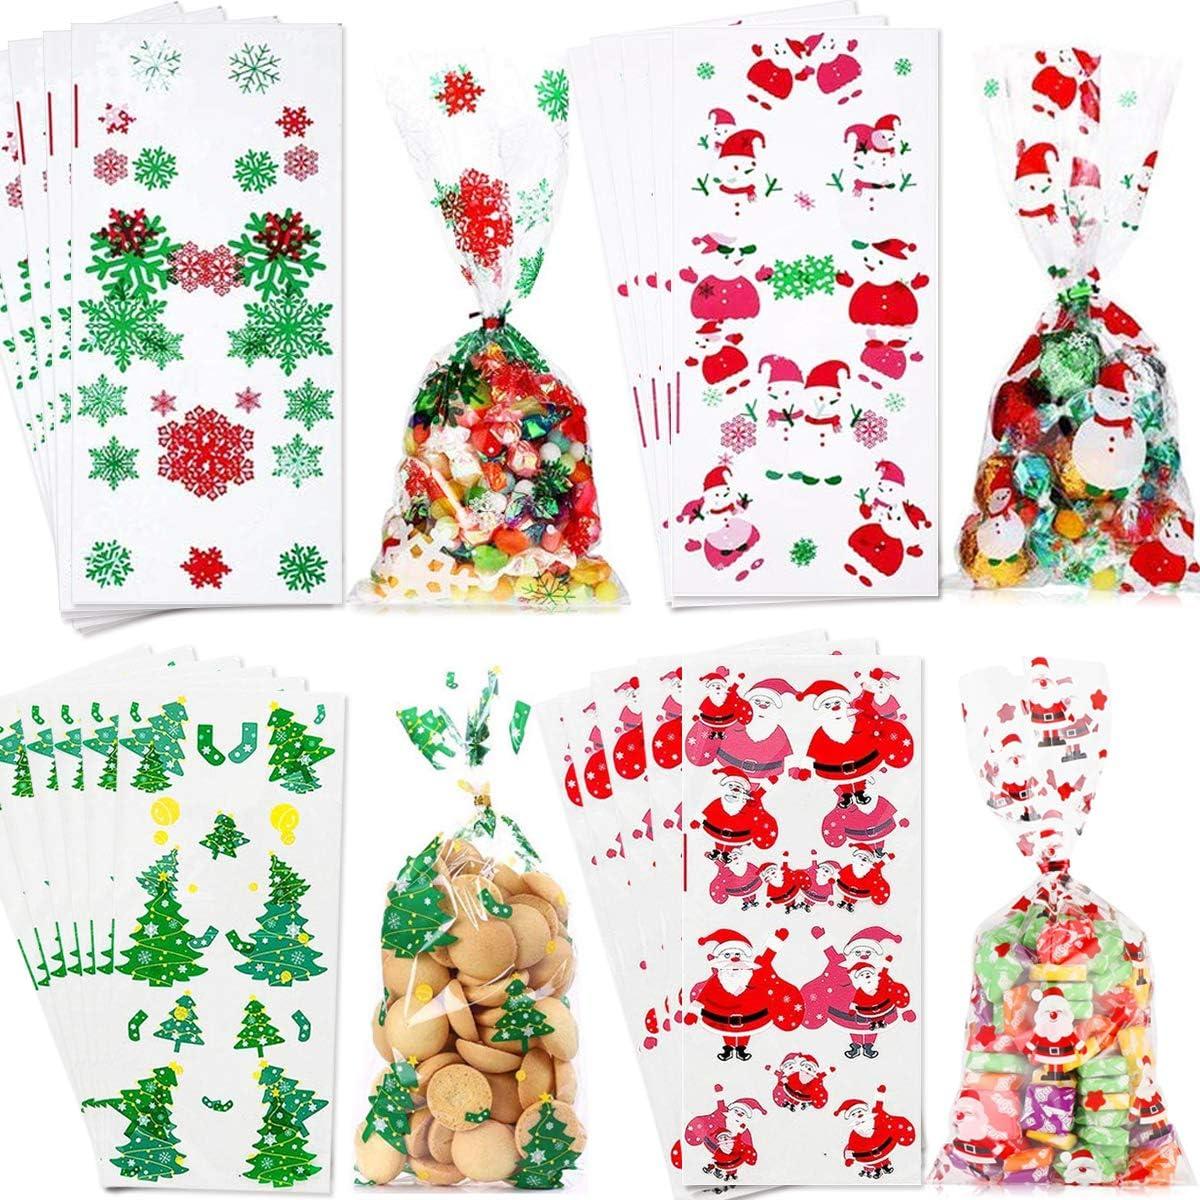 100 St/ück Weihnachten Klar Cellophanbeutel und 100 Twist Krawatten f/ür Bonbon Candy Lollipop Sticks YEFAF Weihnachten S/ü/ßigkeiten T/üten Geschenke Pl/ätzchen